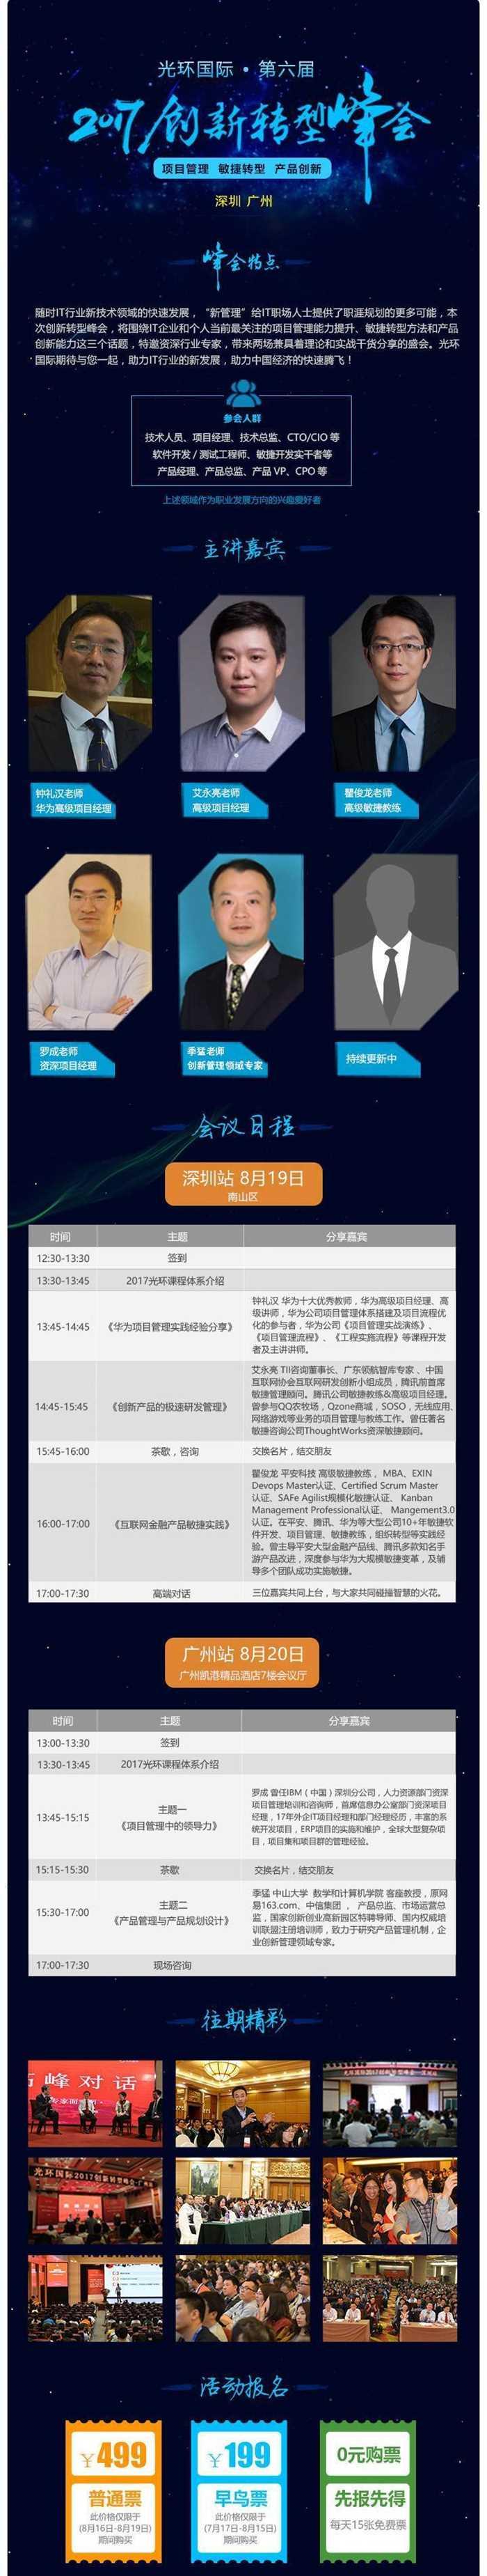 深圳-广州第六届峰会移动端邮件7.jpg